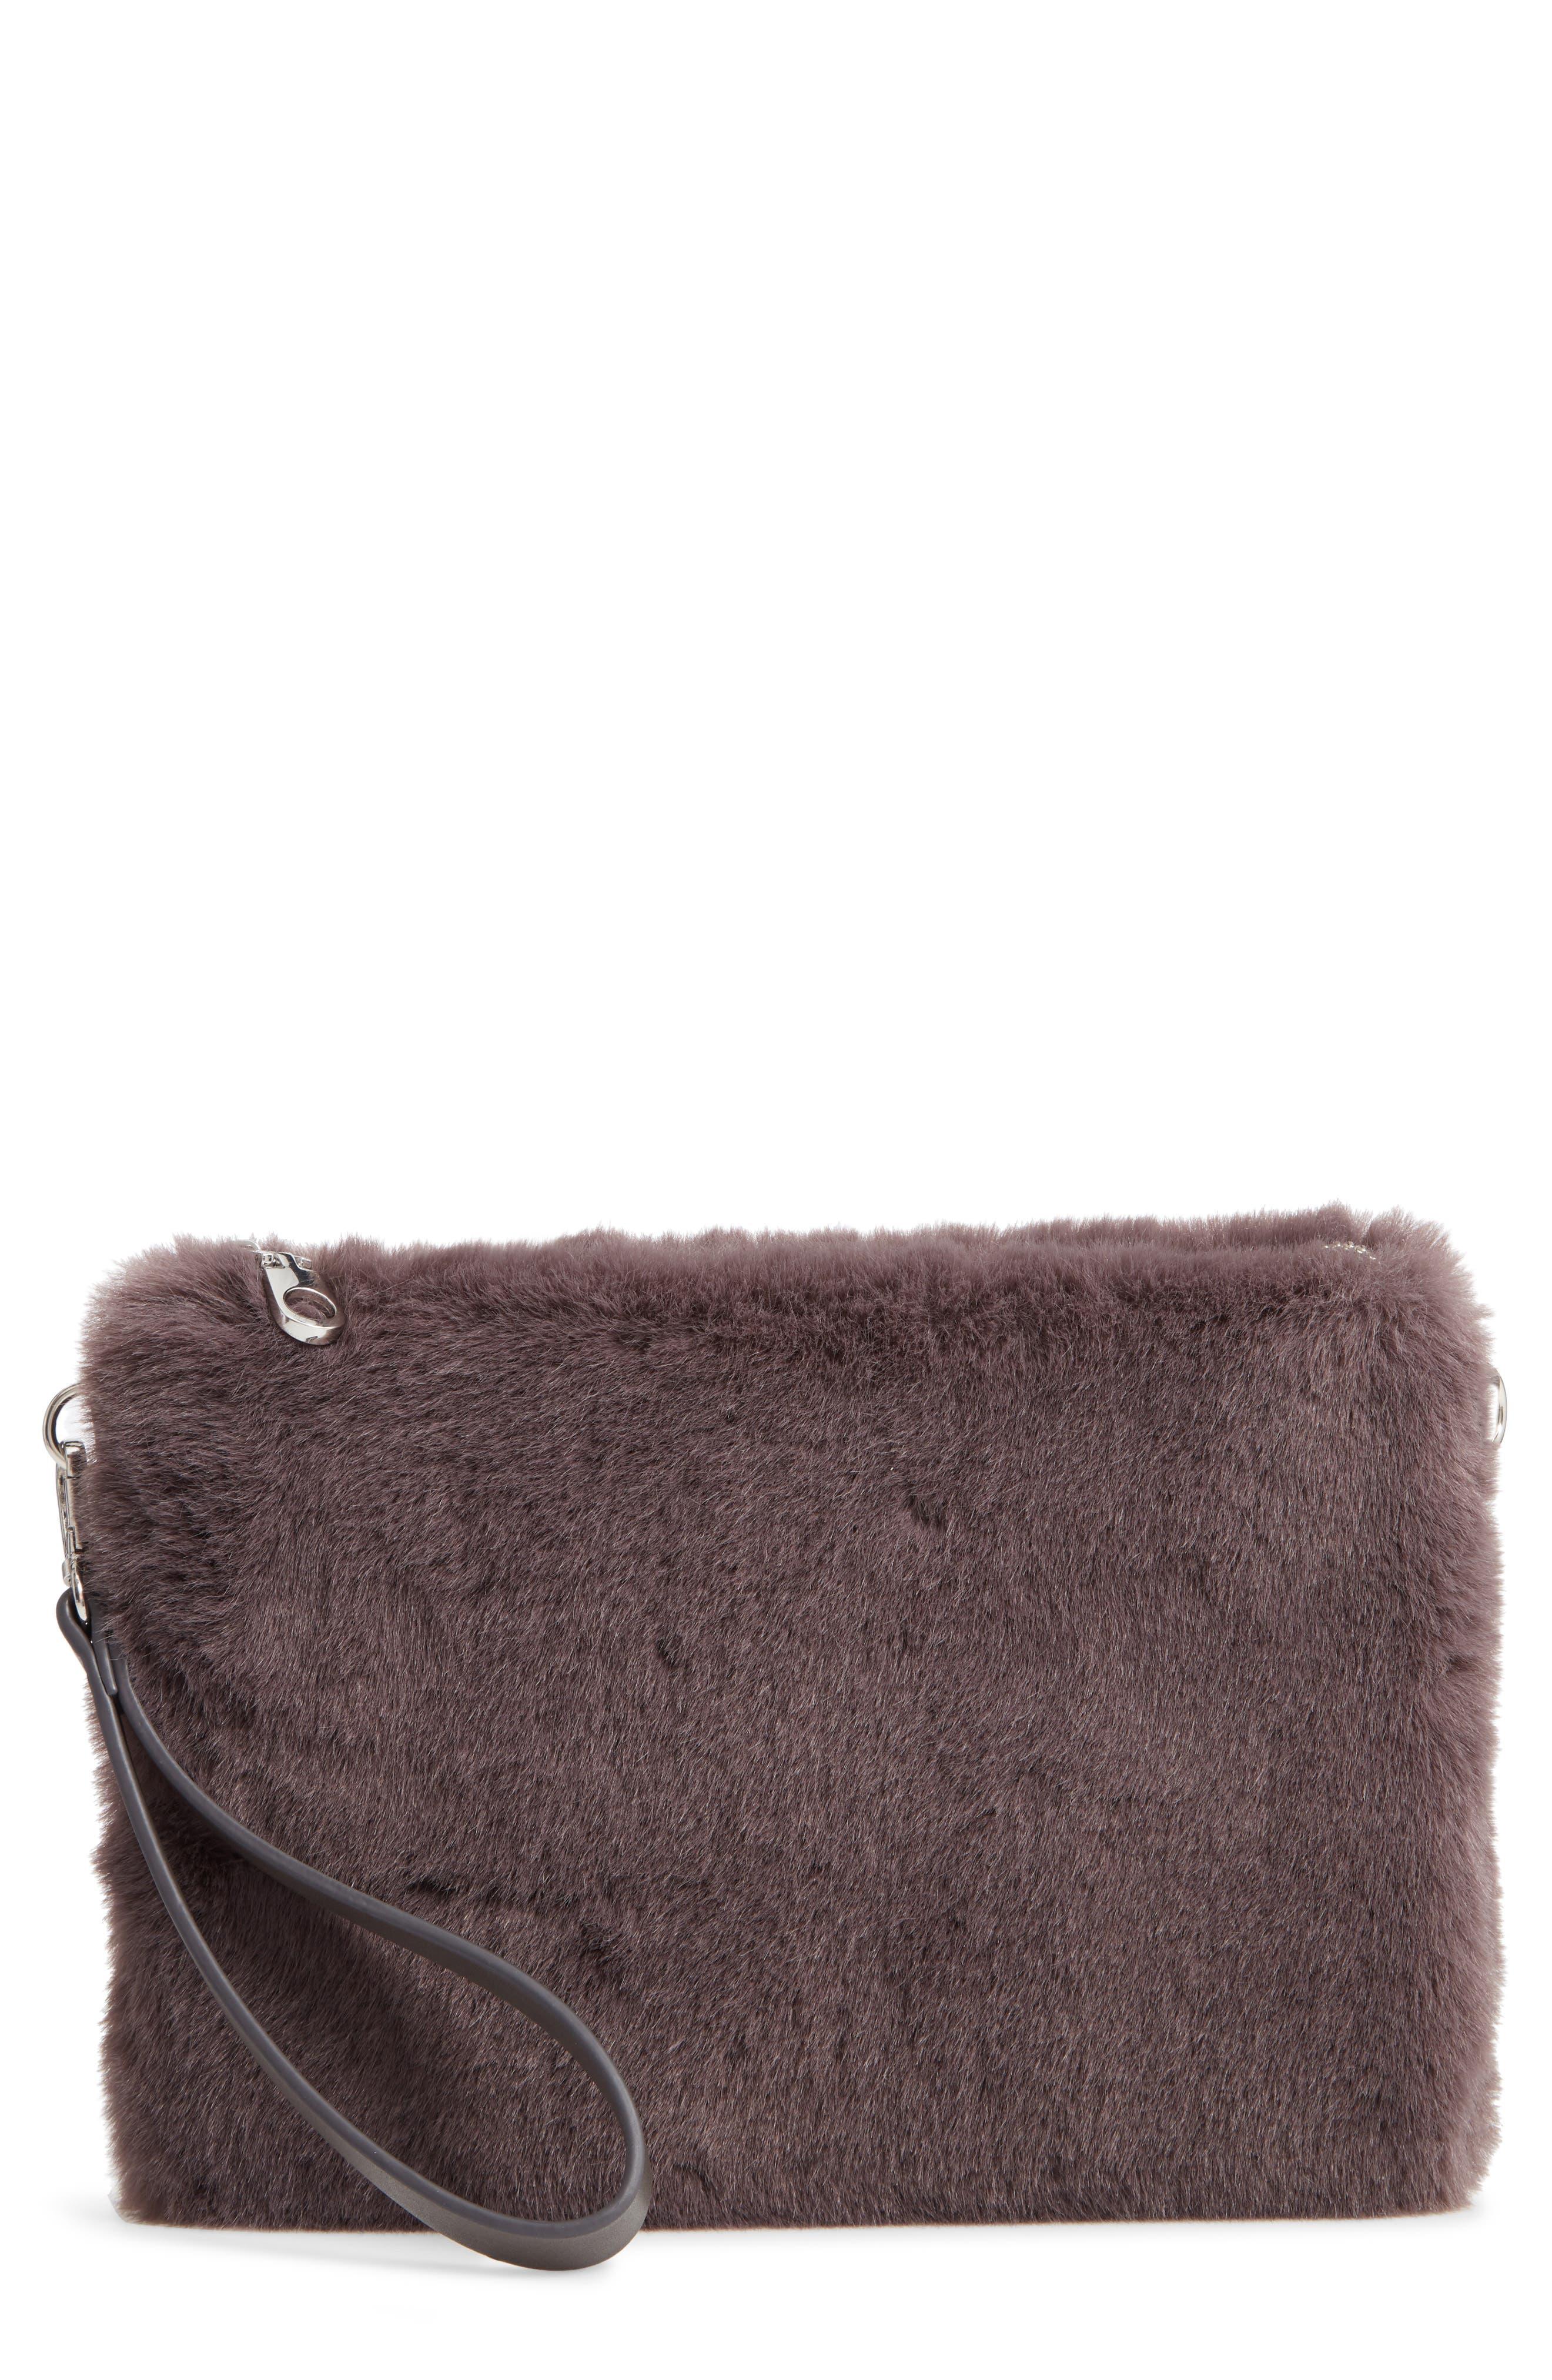 Astley Faux Fur Convertible Clutch,                         Main,                         color, GREY CASTLEROCK